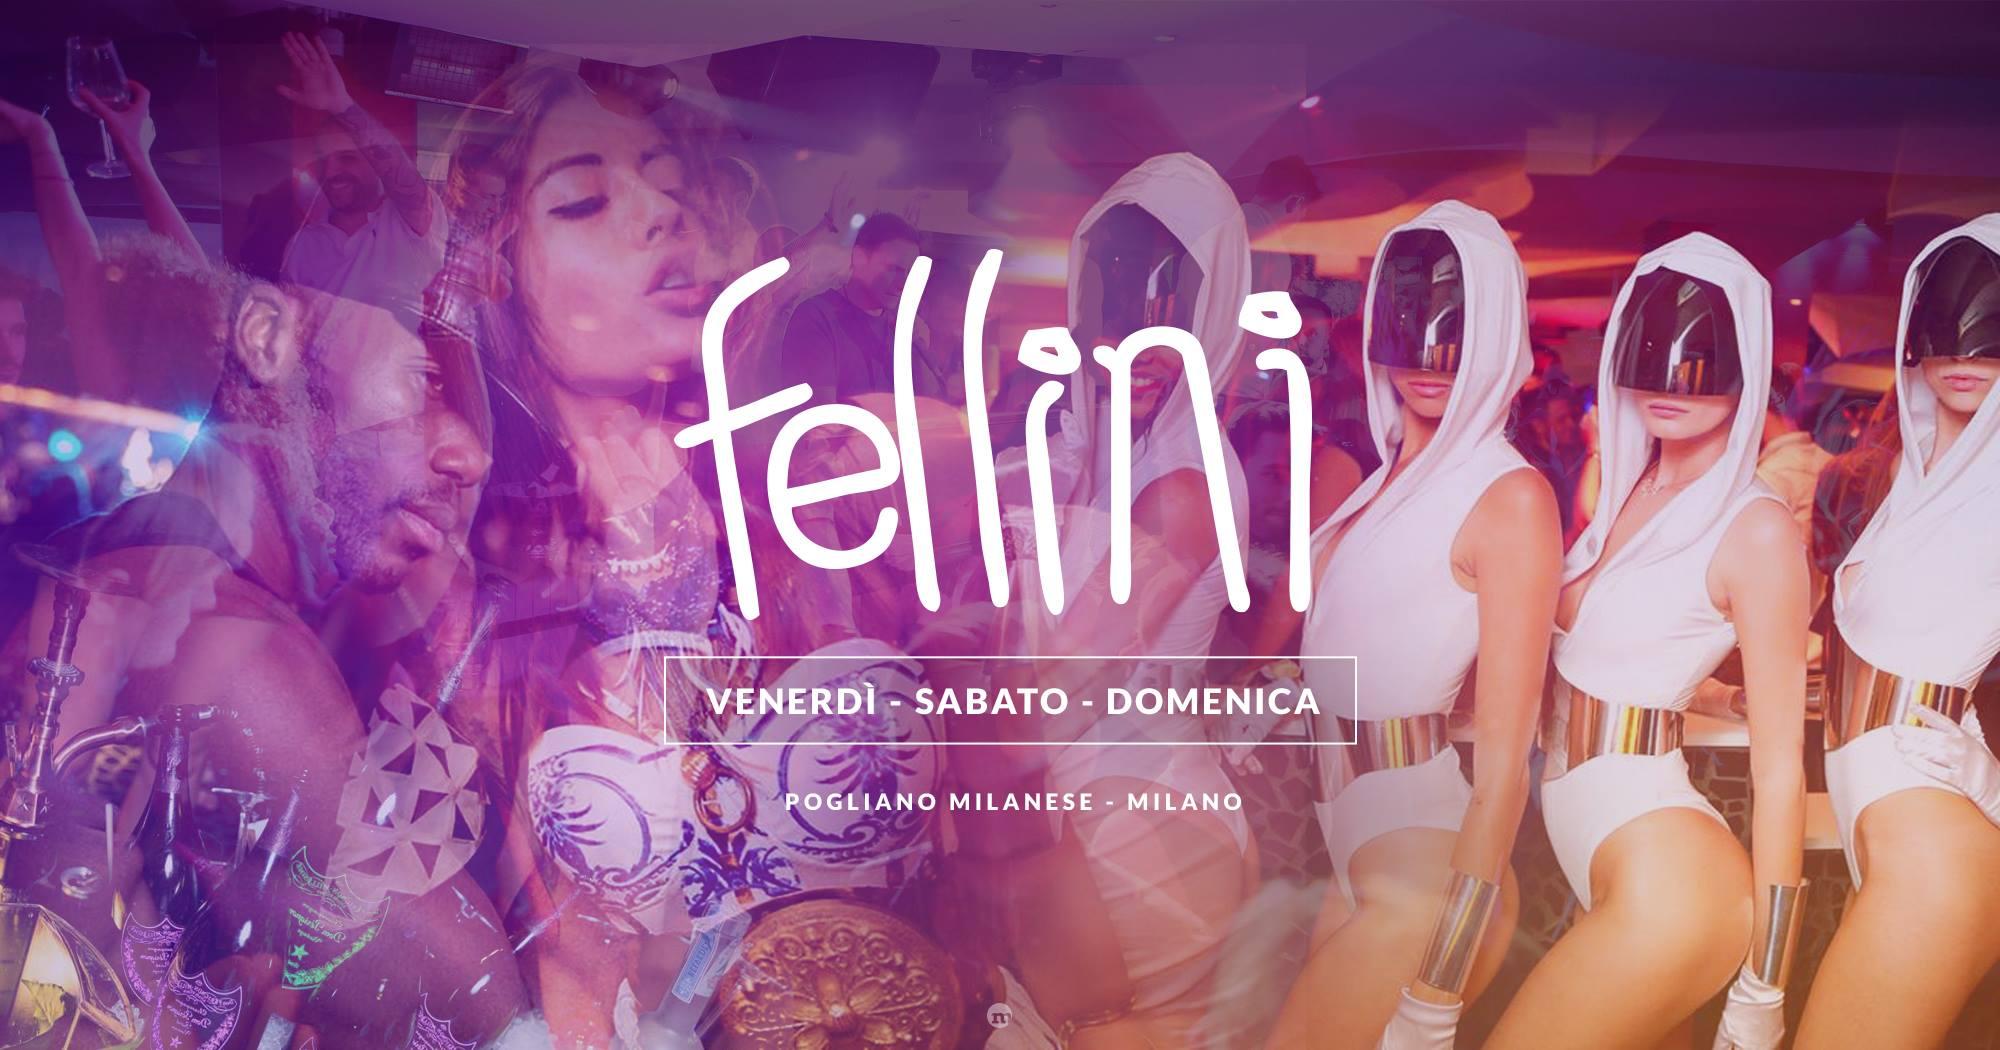 Fellini Pogliano Milanese sabato 20 Ottobre 2018